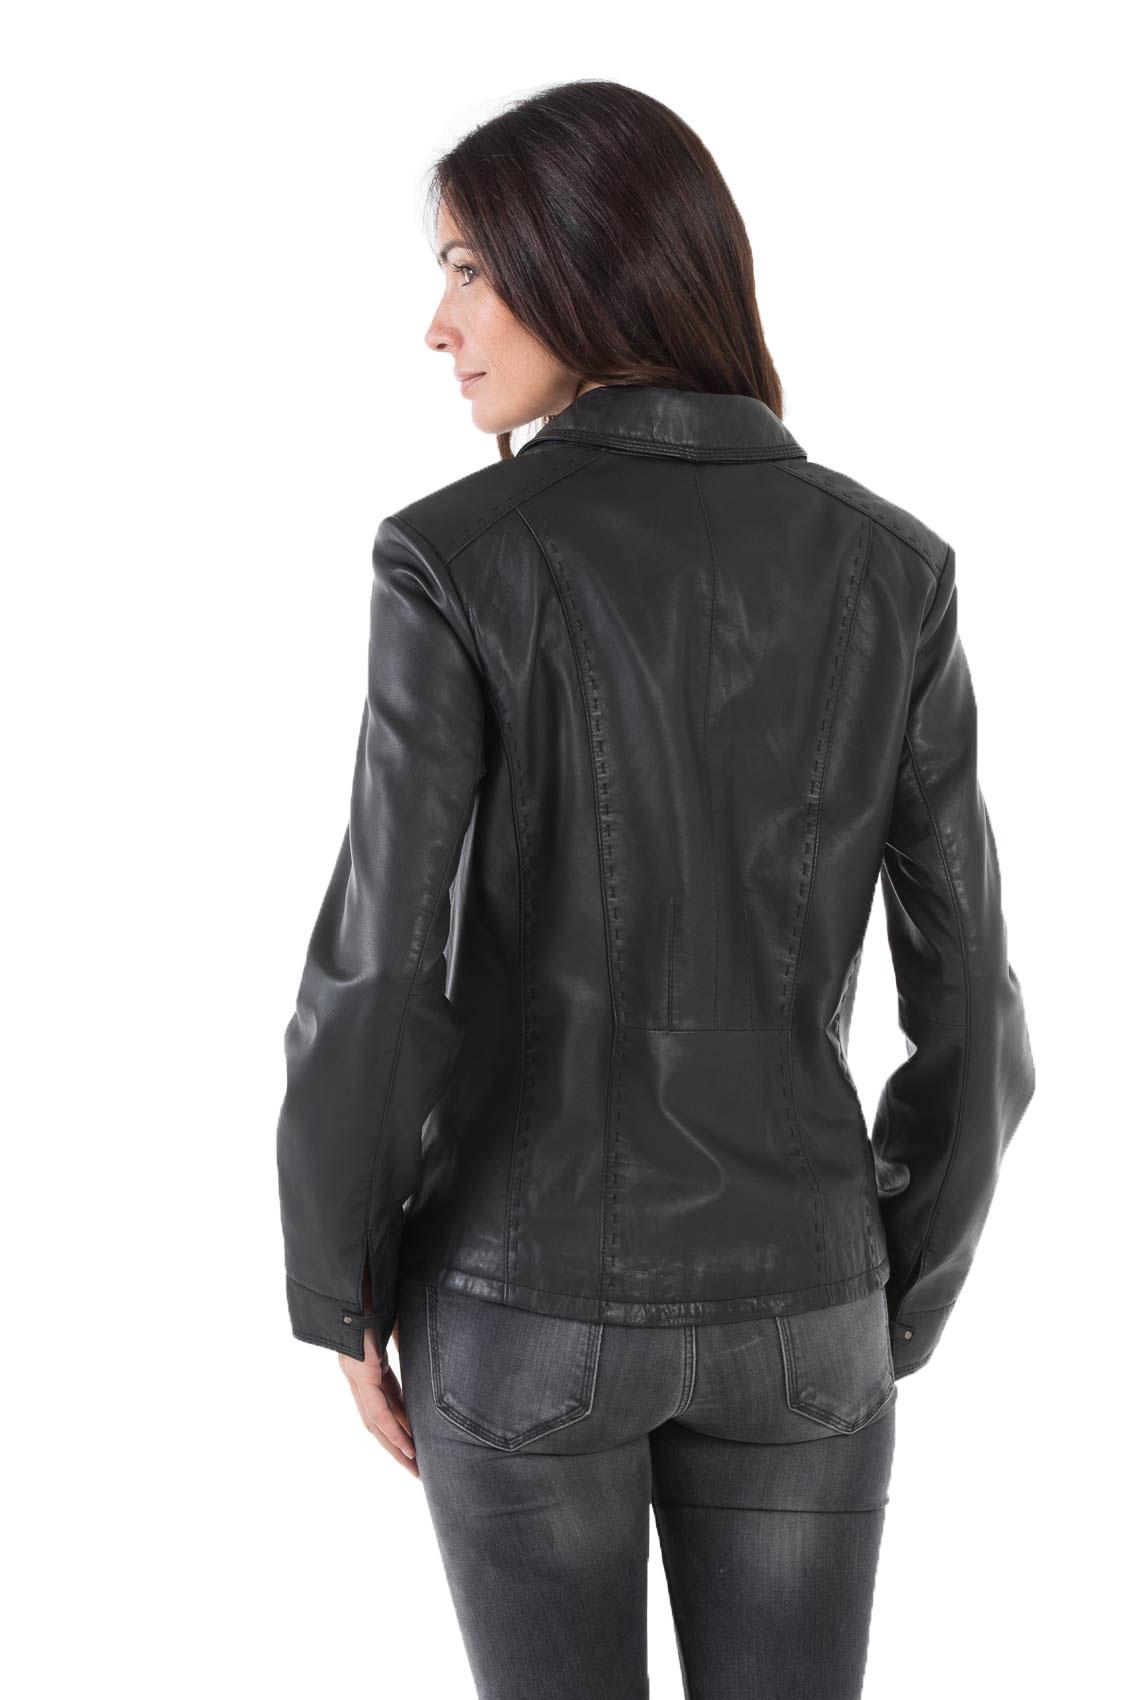 Veste en cuir cintree femme